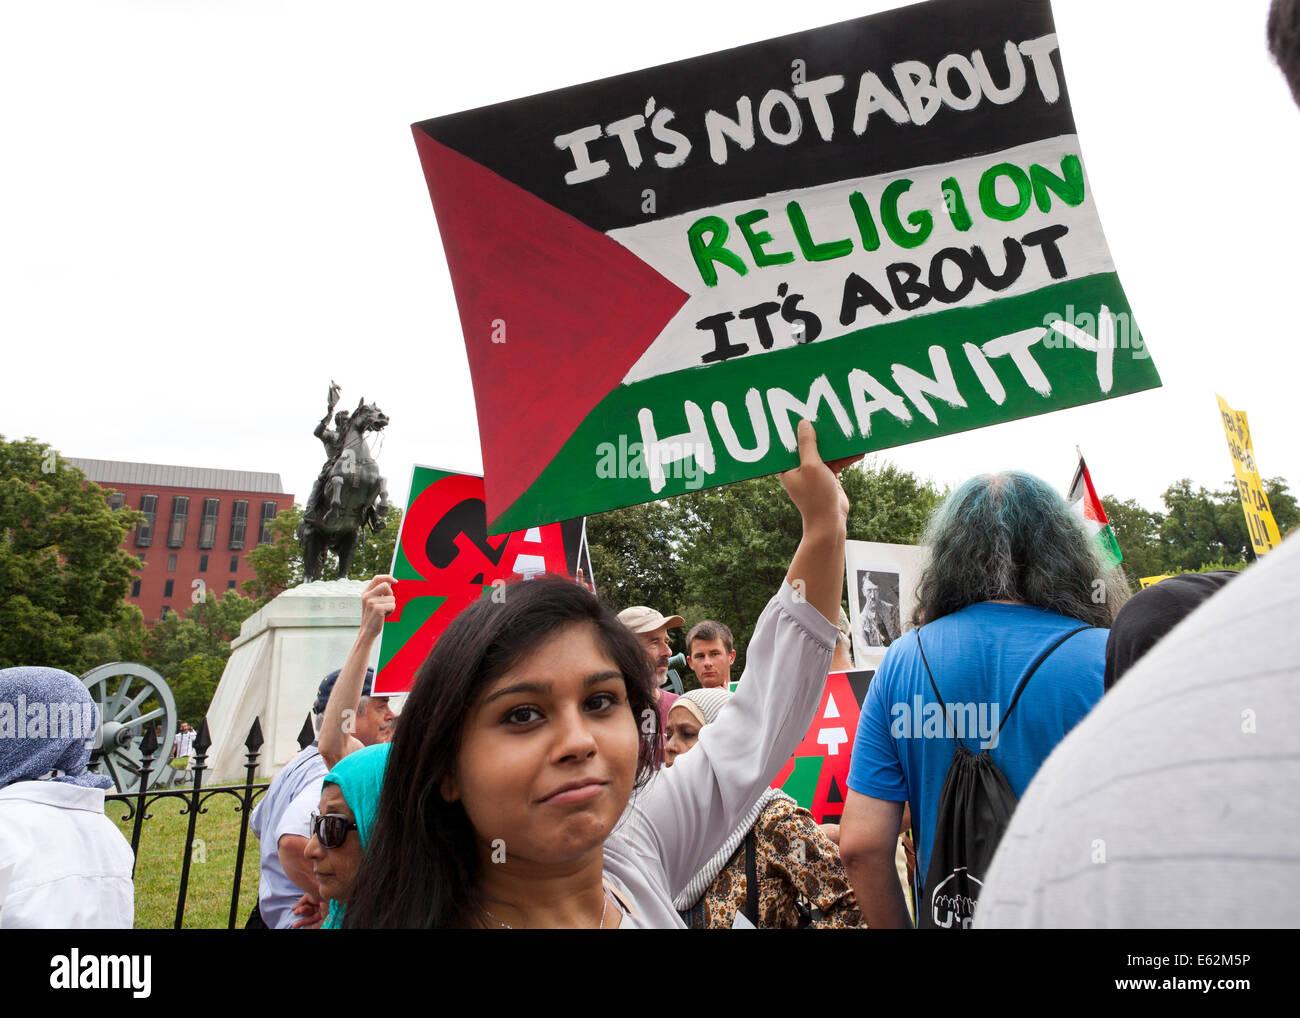 Pro-Palestine activist with sign - Washington, DC USA - Stock Image